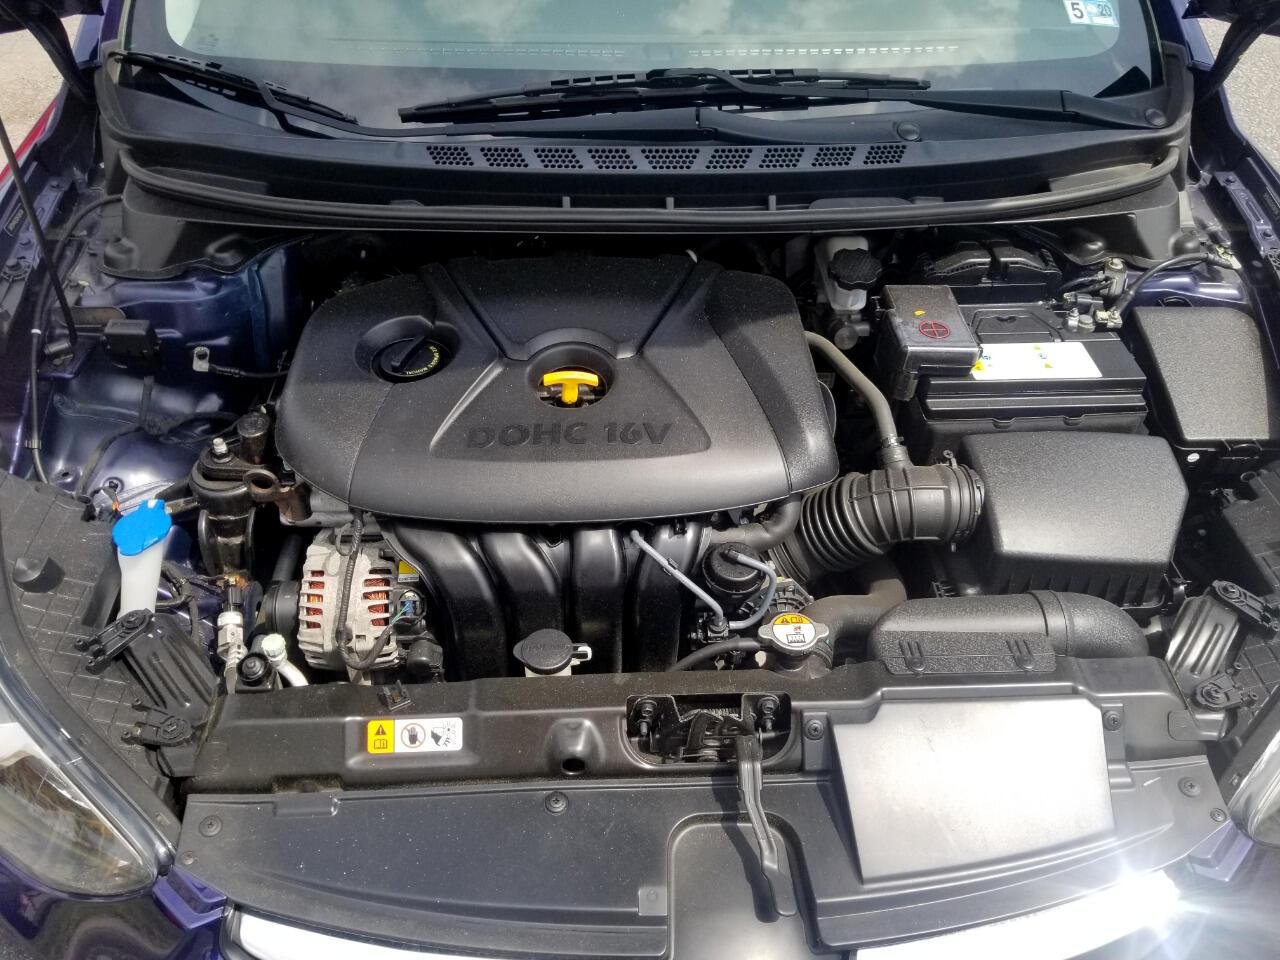 2013 Hyundai Elantra 4dr Sdn Auto GLS PZEV (Alabama Plant)